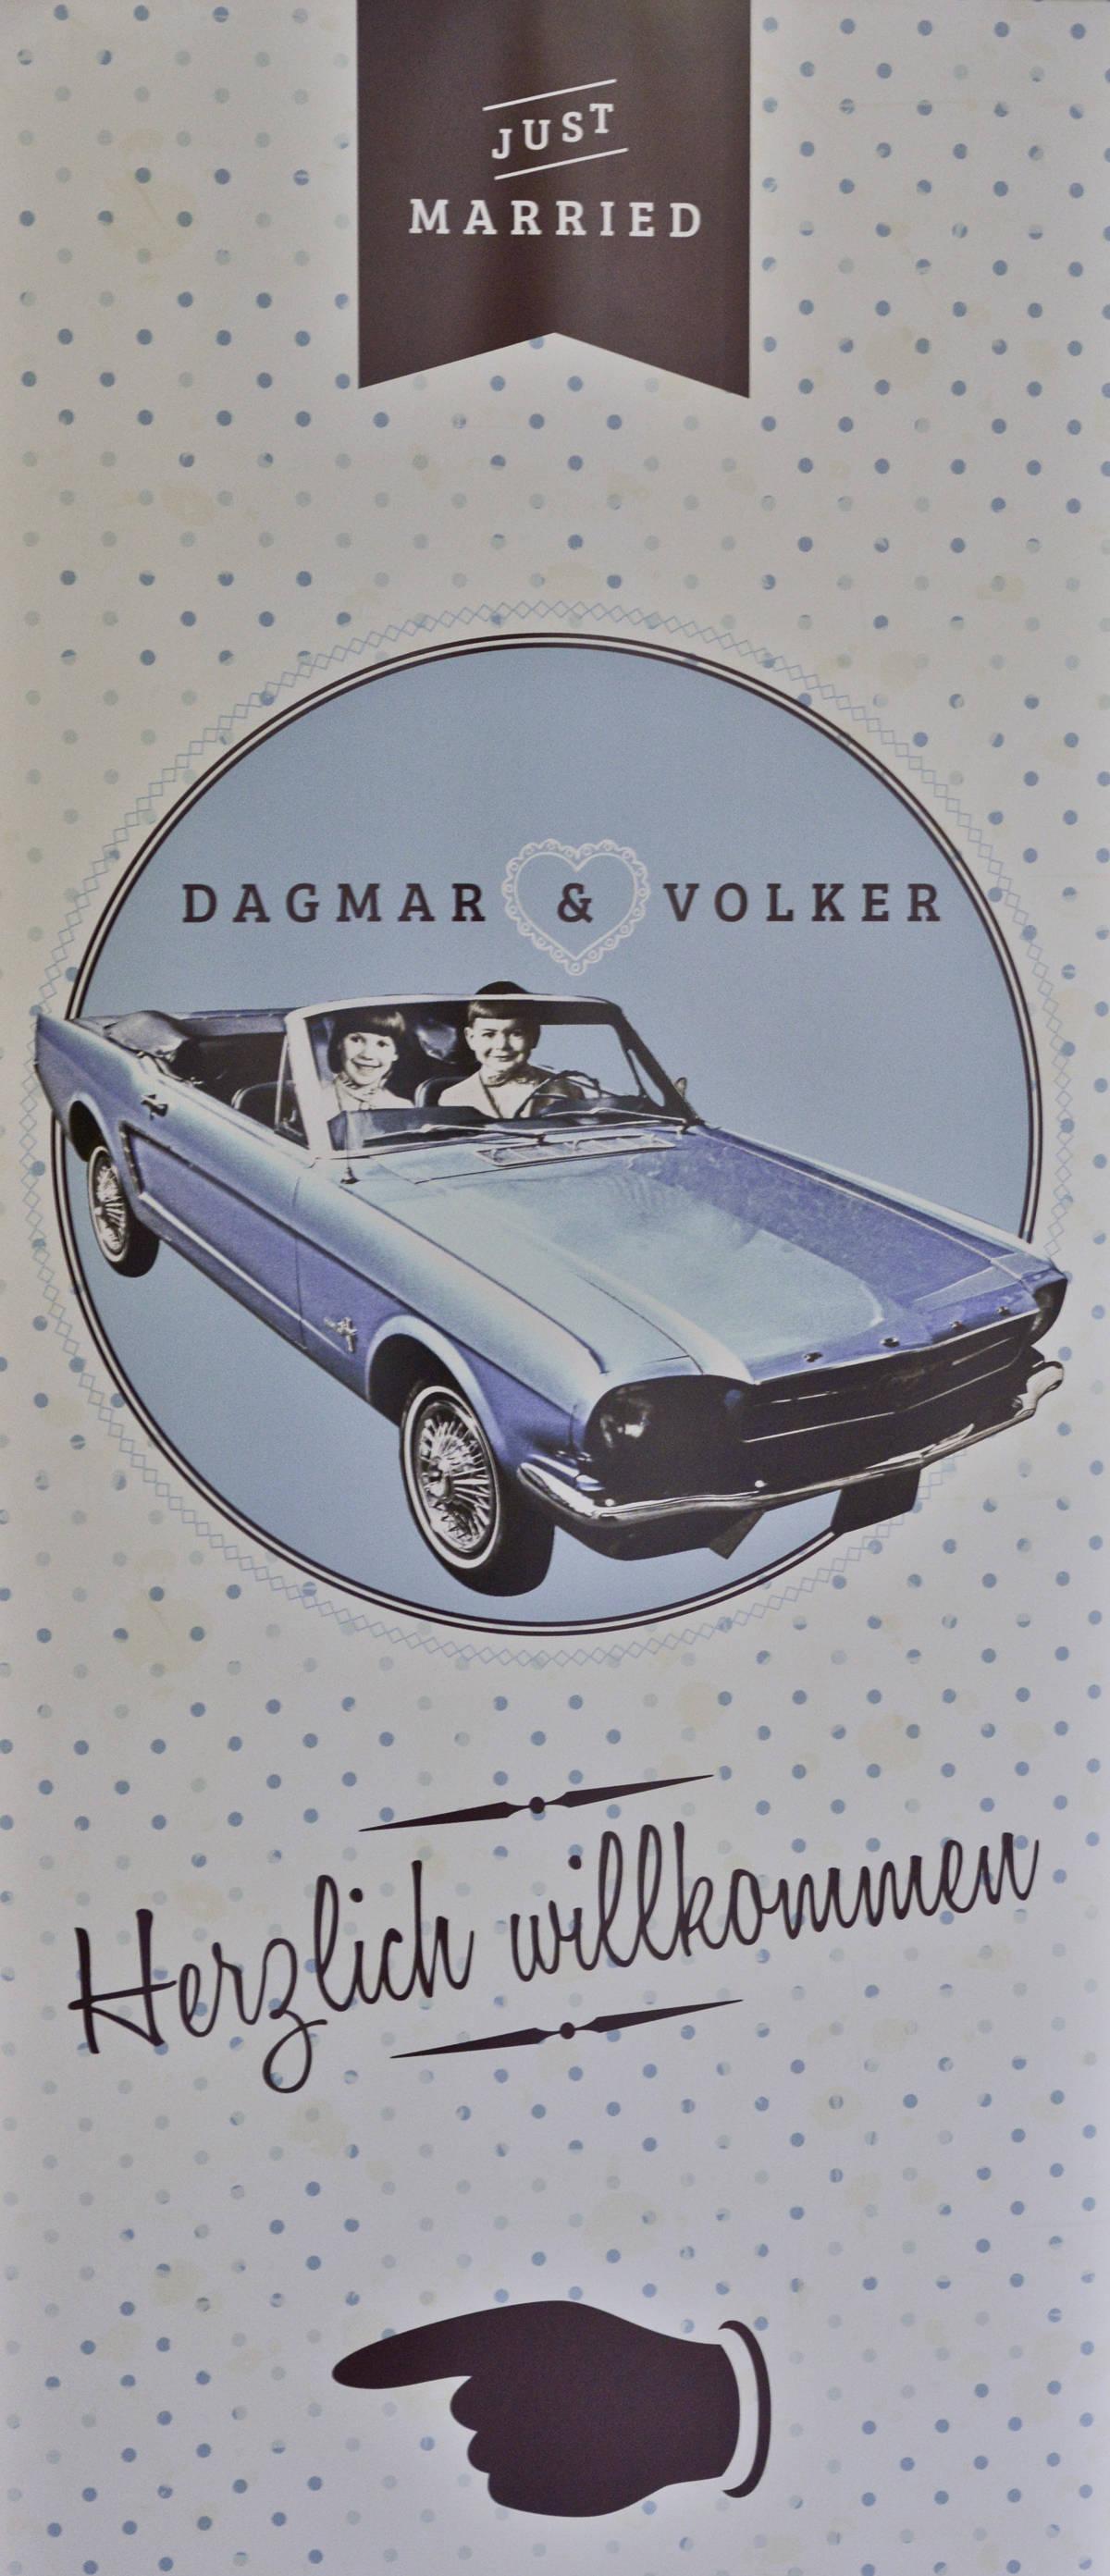 Hochzeitsfoto von Dagmar & Volker - Hochzeitsfotografie wesayyes aus Berlin